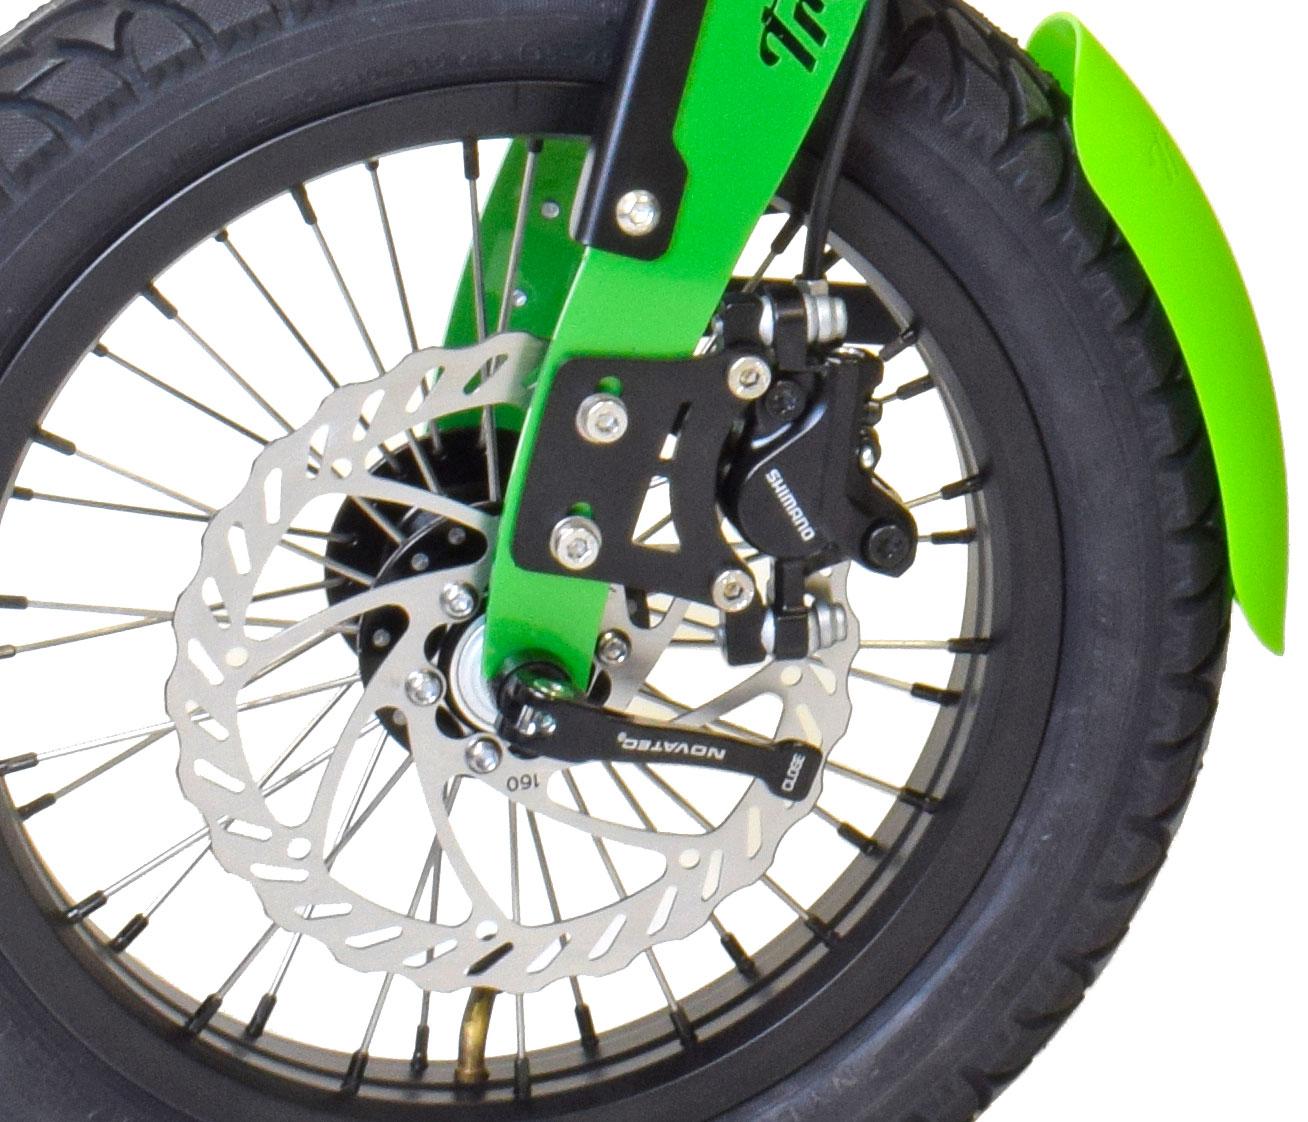 triwheel-dettaglio-01.jpg